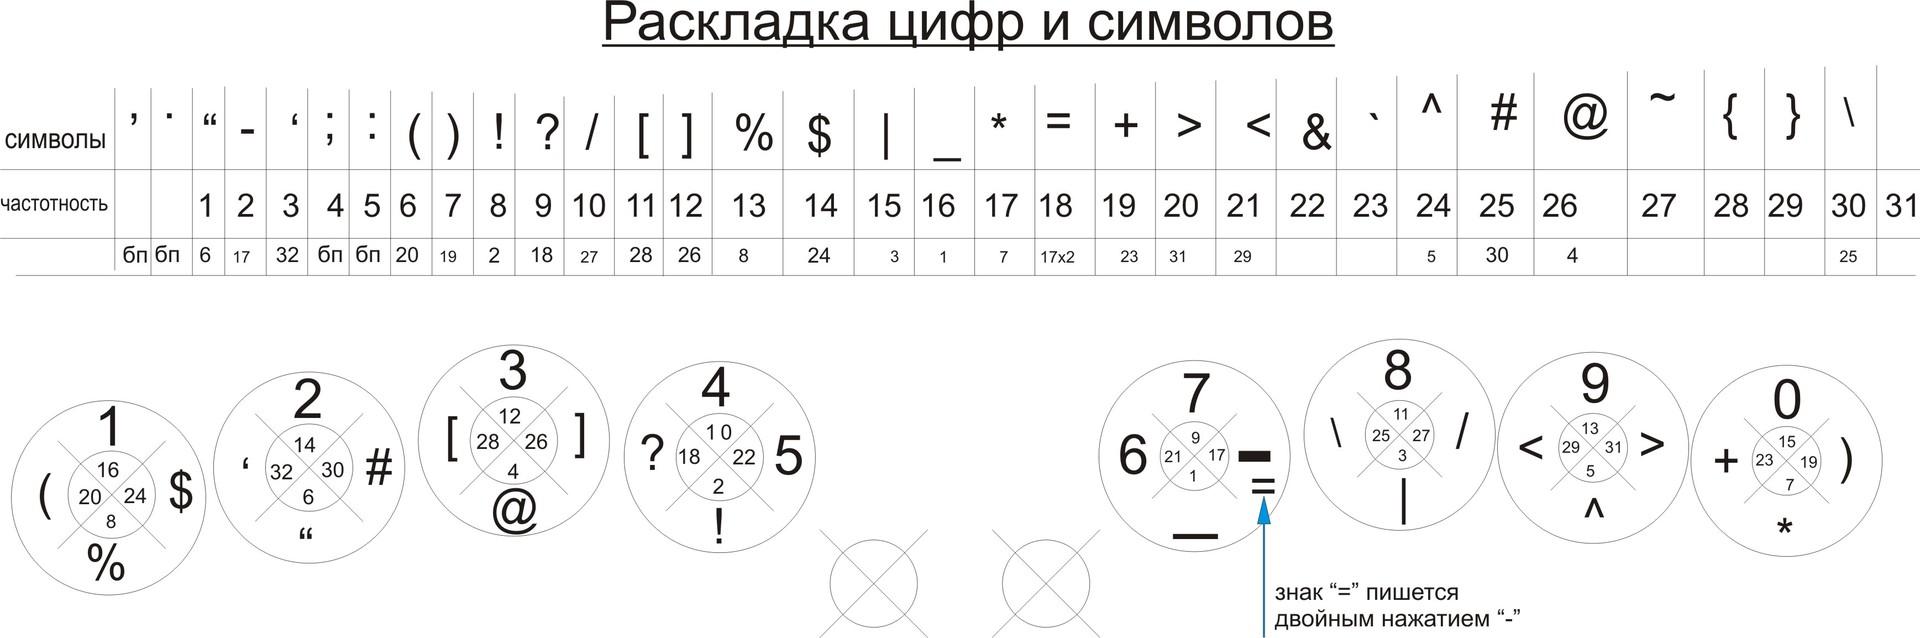 Клавиатура нового поколения — «10 Ю»